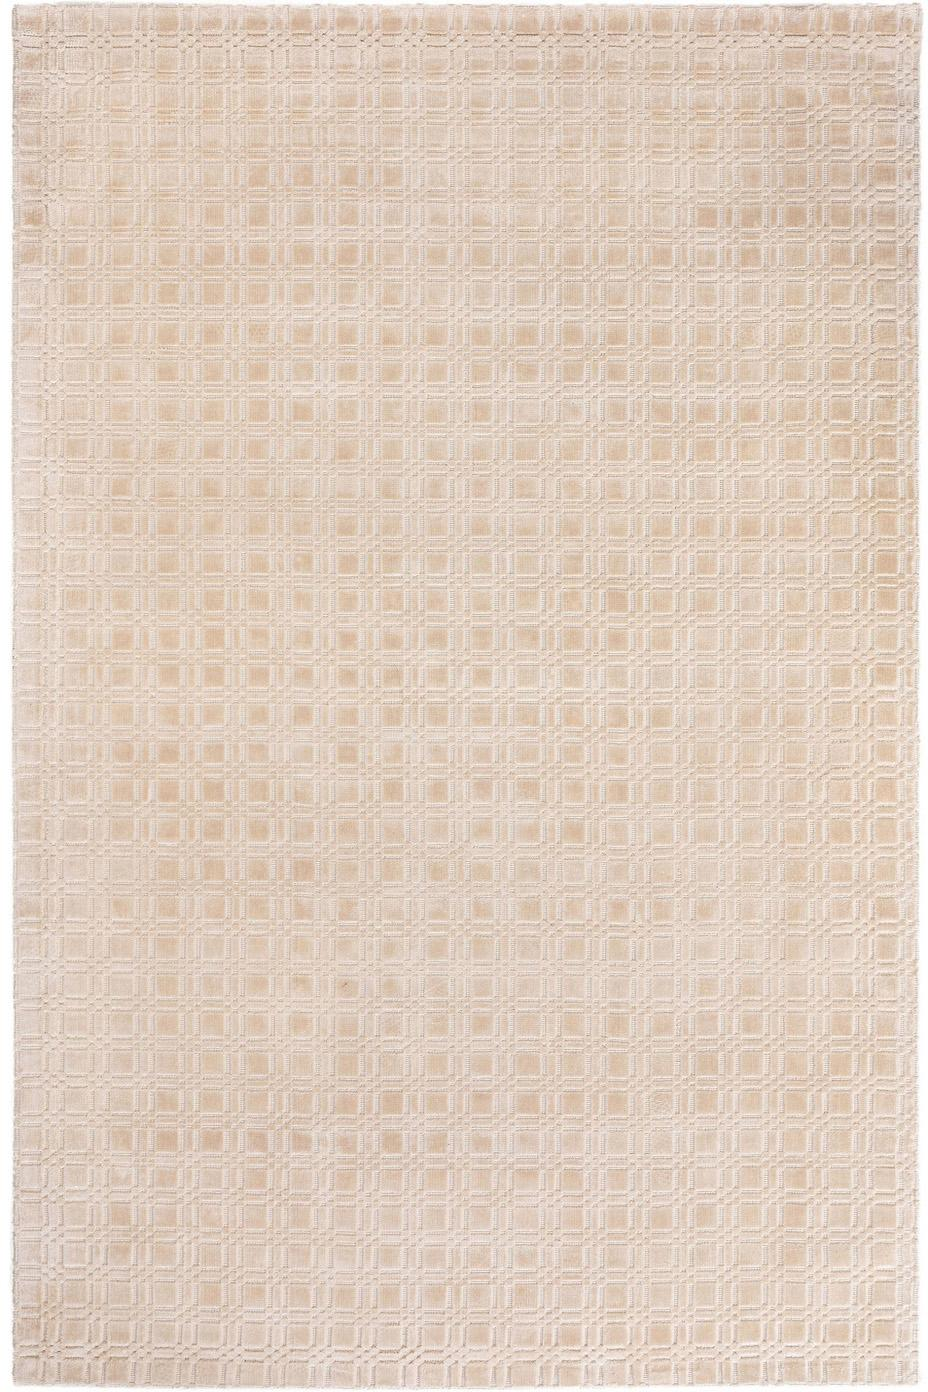 Tappeto in viscosa tessuto a mano Nelson, Viscosa, Crema, Larg. 200 x Lung. 300 cm (taglia L)